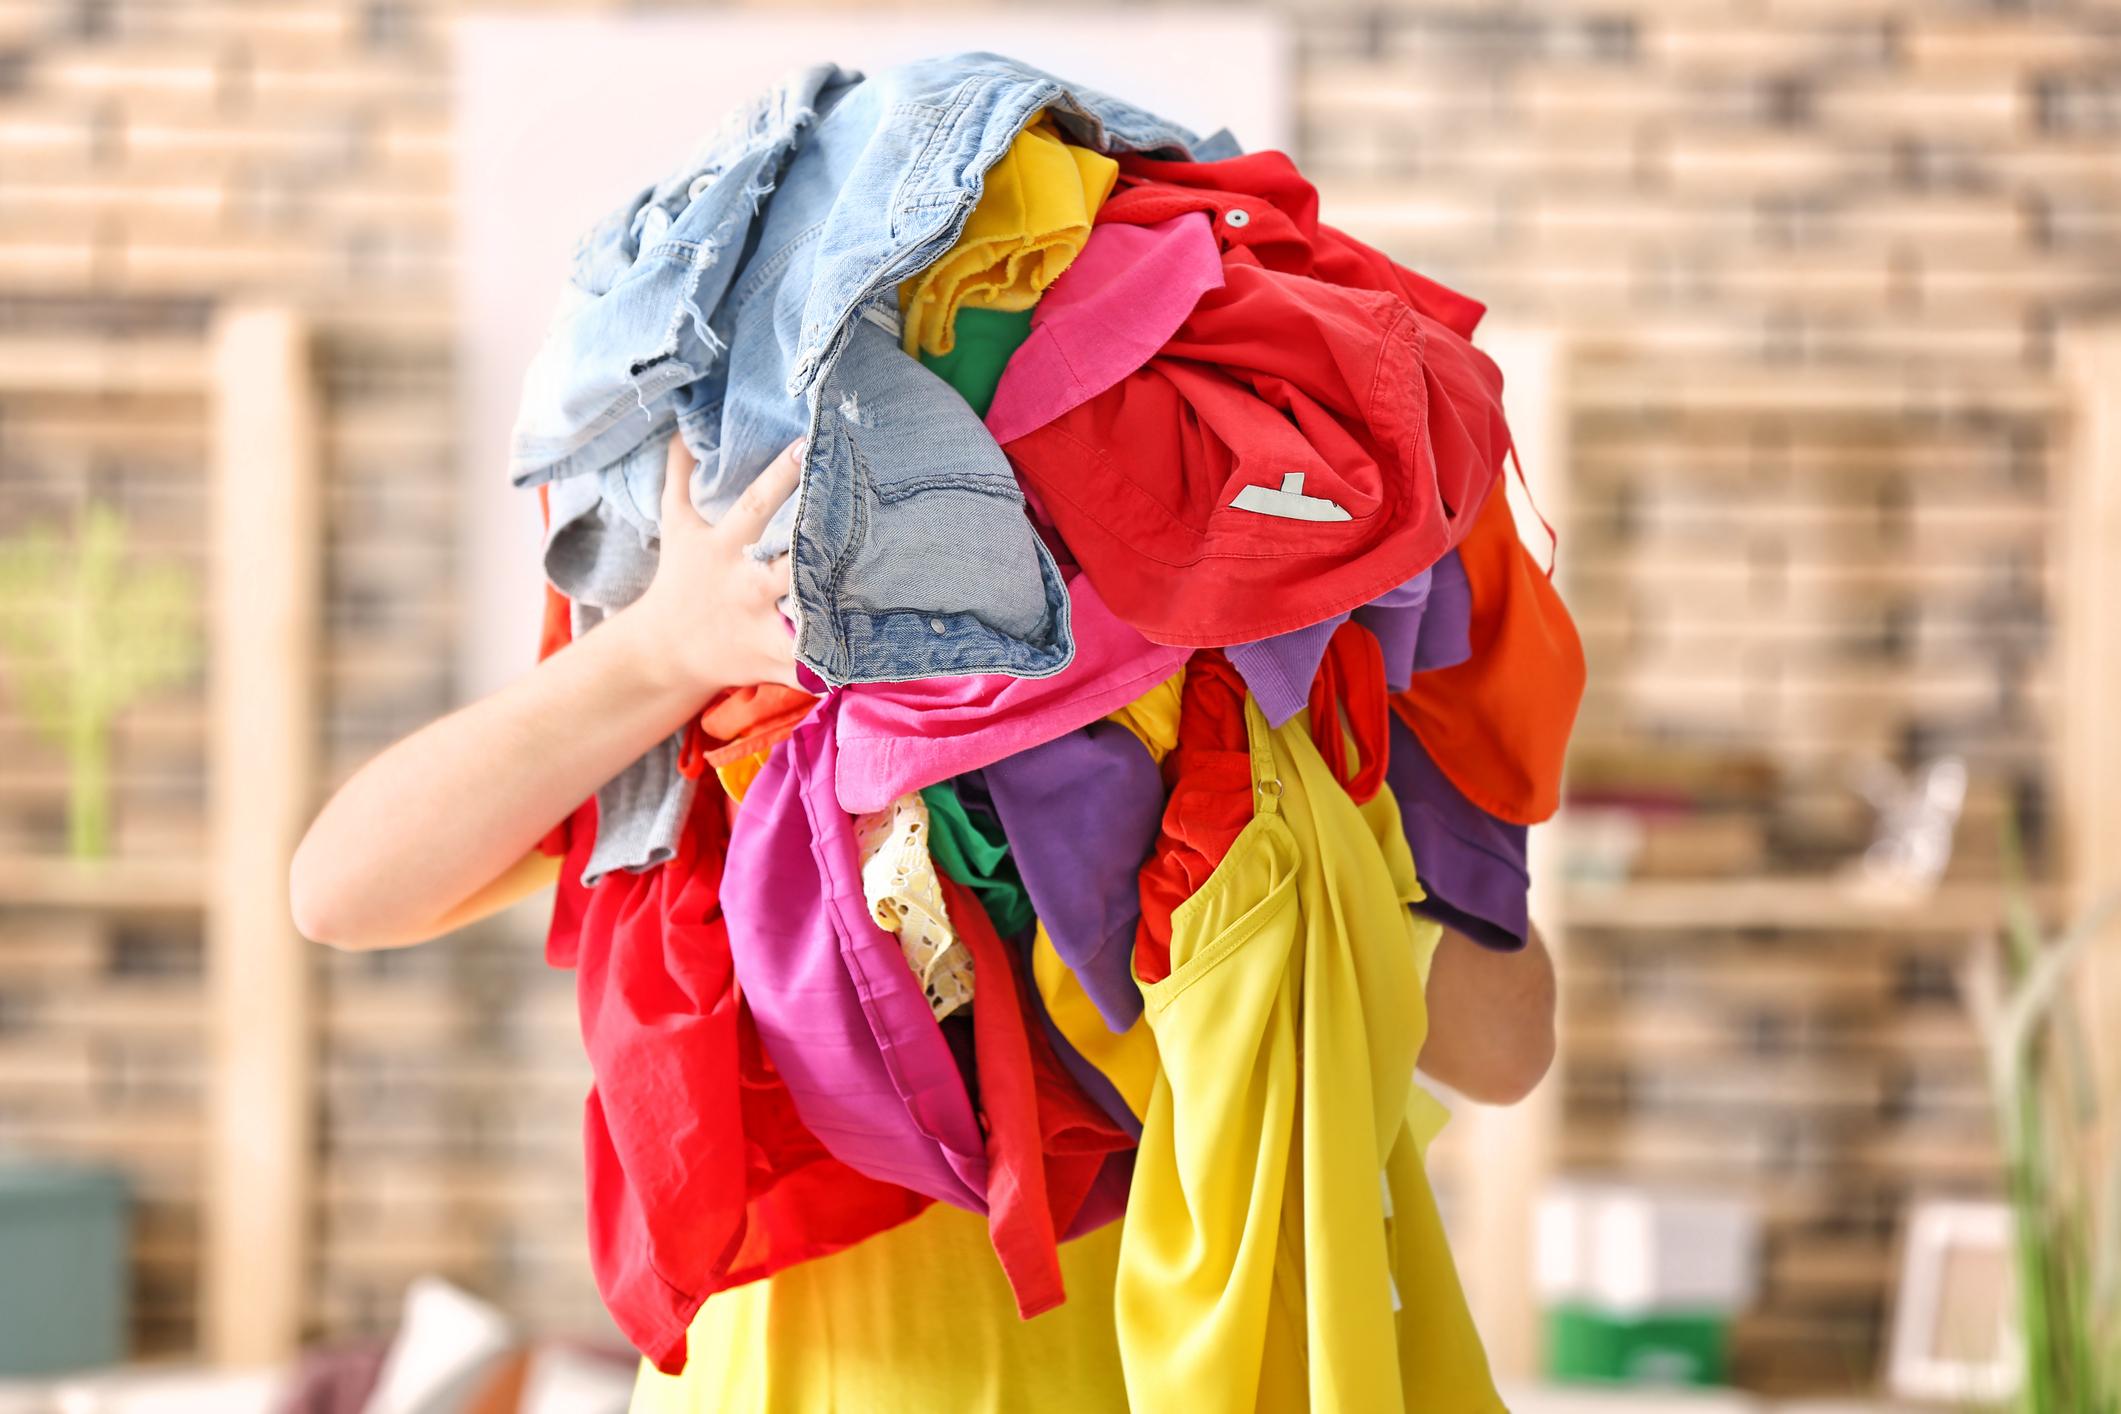 Използвайте бебешки шампоан за възстановяване на дрехи, които са се свили. <div>Това може да звучи необичайно, но бебешкия шампоан или балсам може да върне вашите свити дрехи до техния оригинален размер. Просто добавете малко в леген с топла вода и оставете дрехата да се накисне за 10-15 минути. След това я изсушете с кърпа и я поставете хоризонтално, за да изсъхне напълно. Балсамът ще изглади влакното и ще го върне в оригиналния му размер.</div>